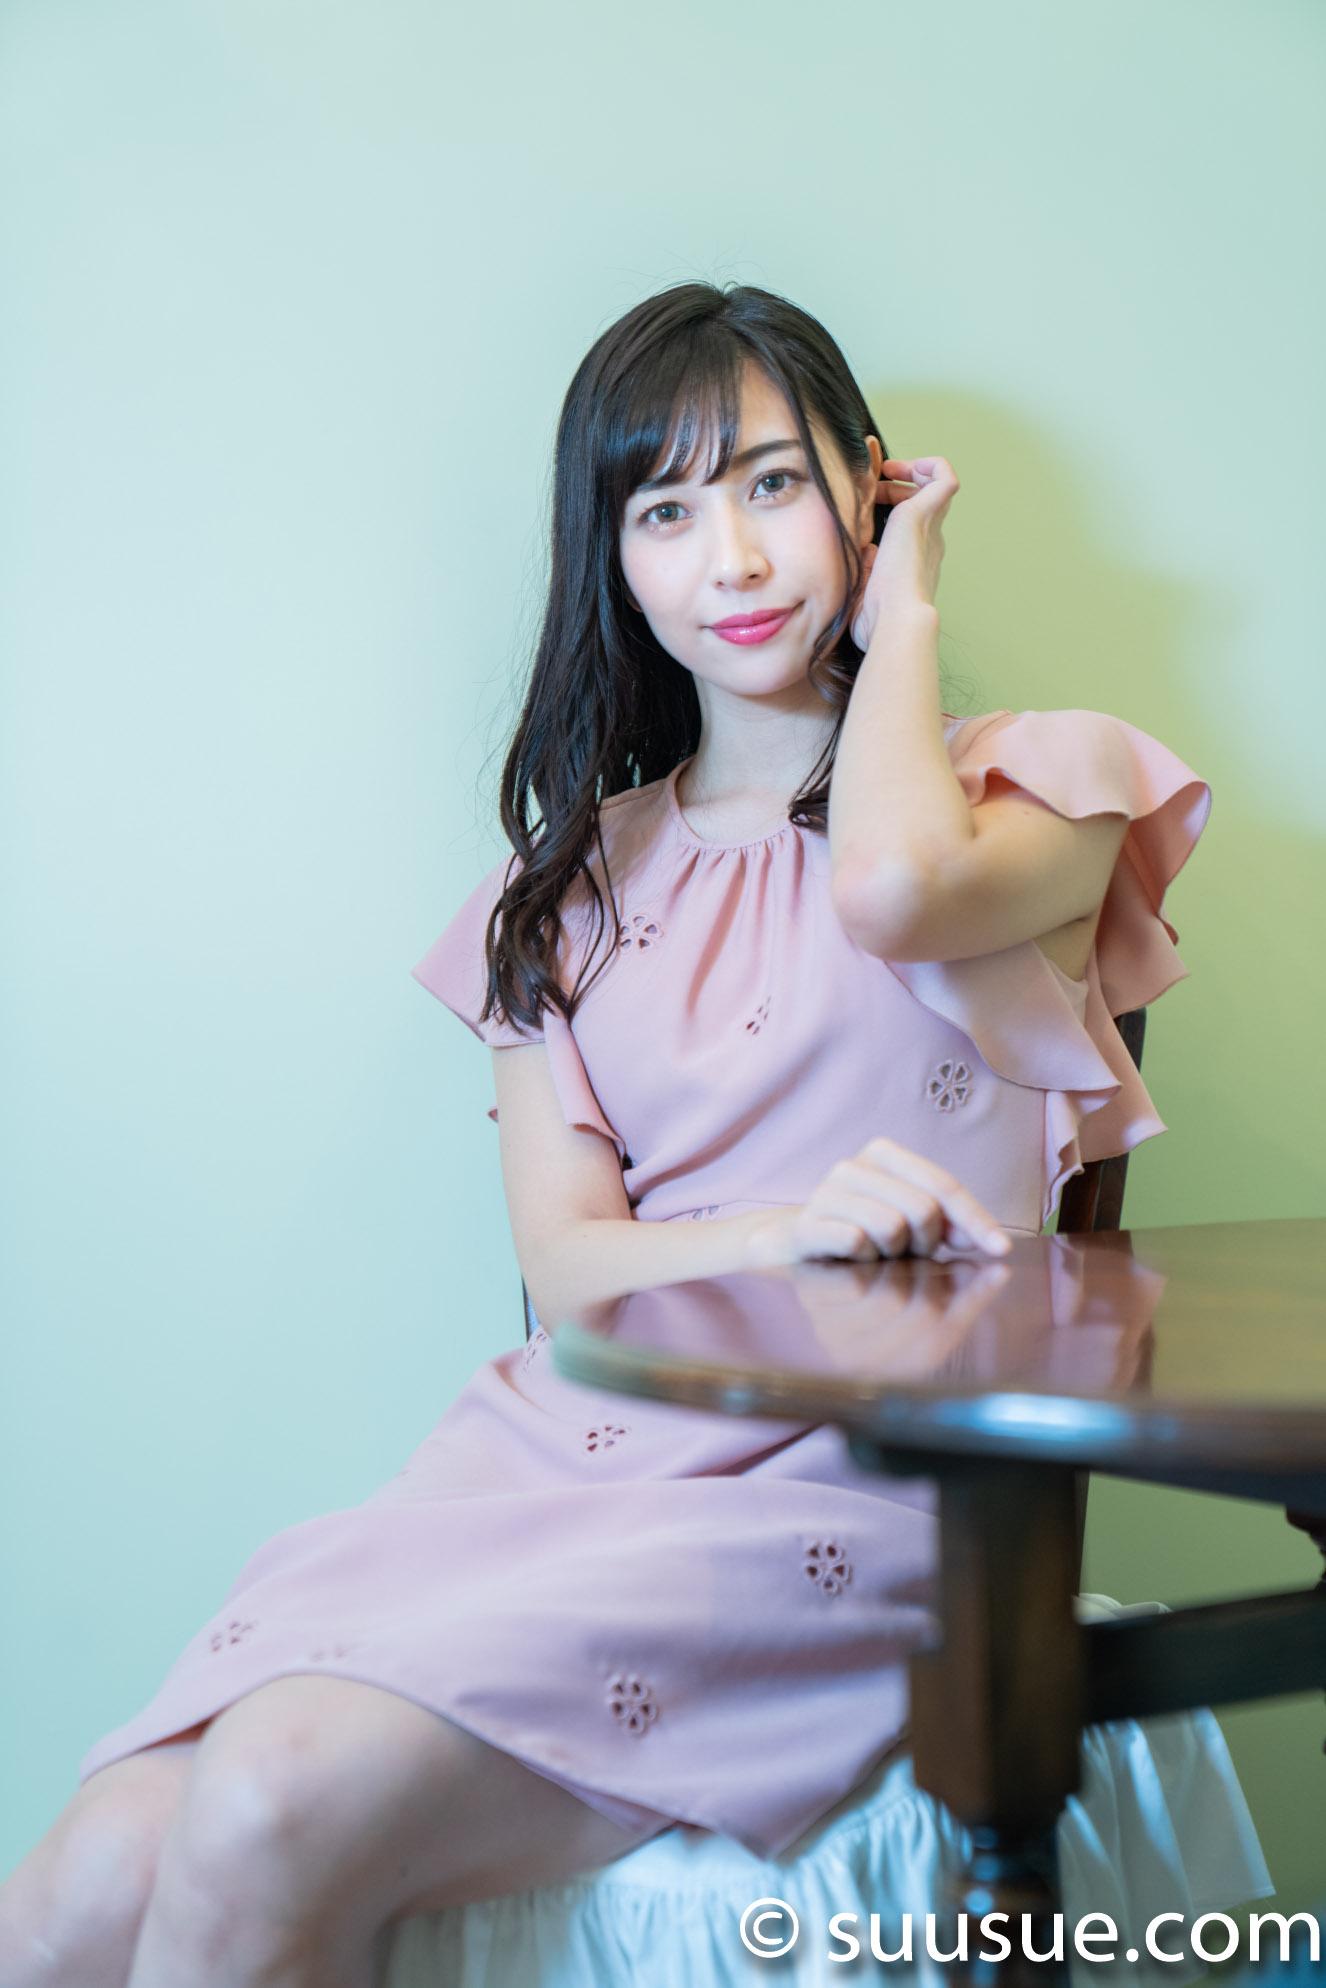 緑川ちひろ 2019/09/21 エモーショナル撮影会